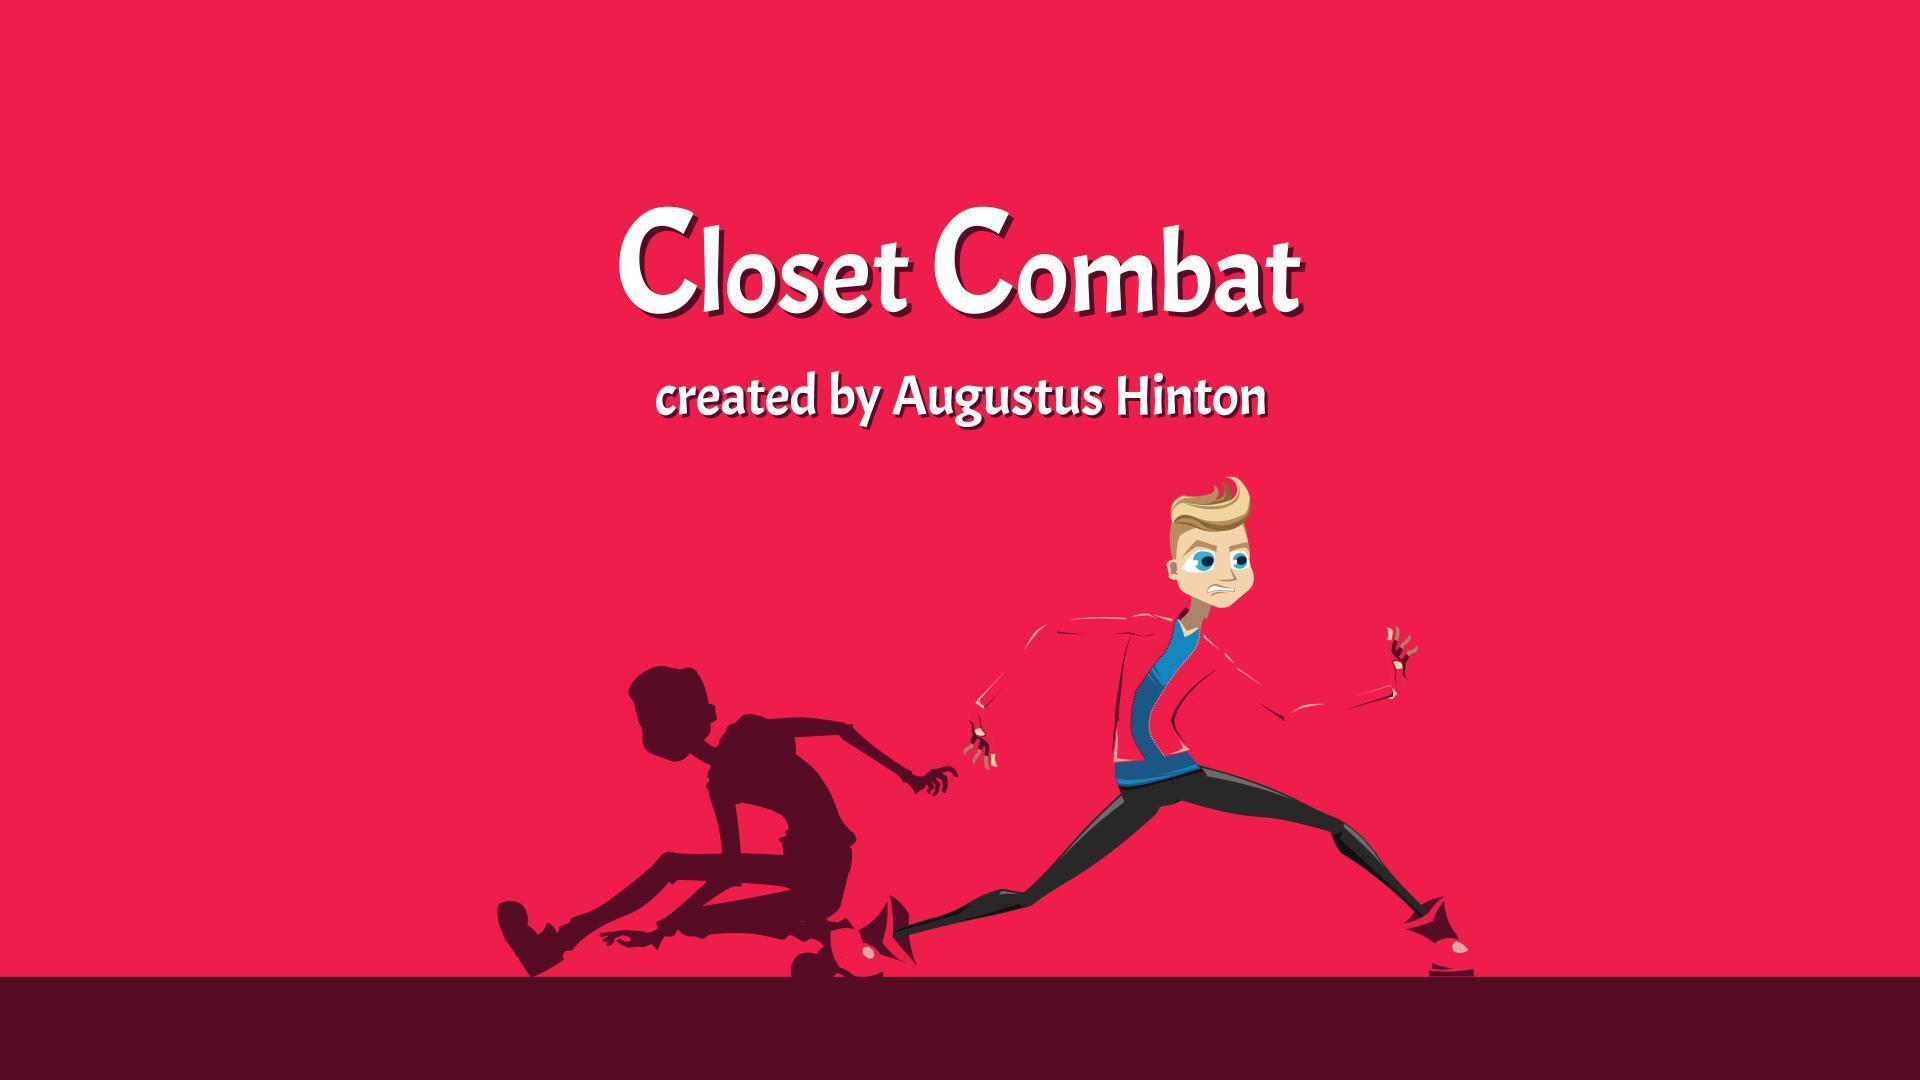 Closet Combat